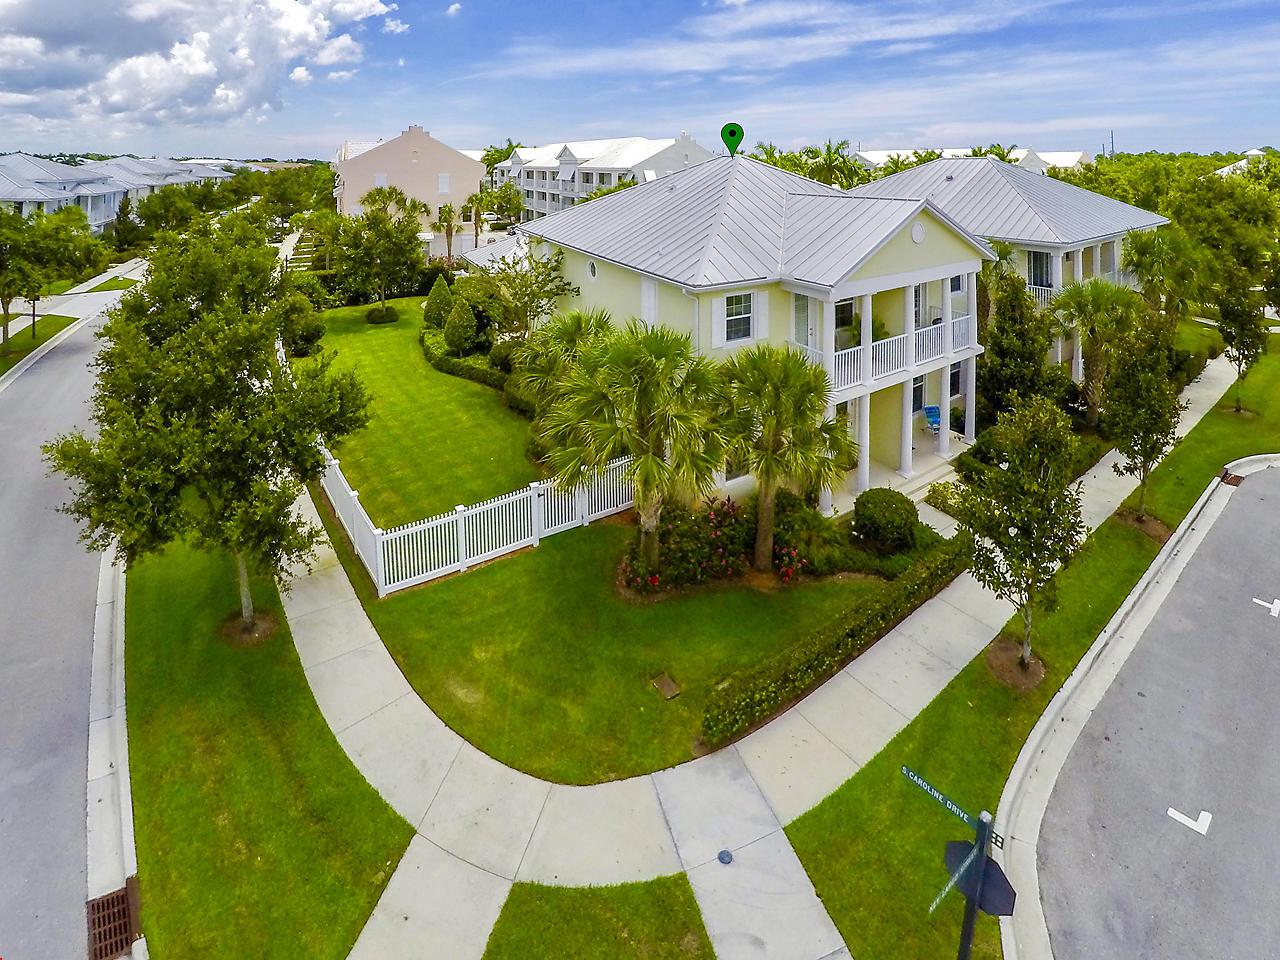 1043 Key Largo Street, Jupiter, Florida 33458, 3 Bedrooms Bedrooms, ,2.1 BathroomsBathrooms,A,Townhouse,Key Largo,RX-10538789